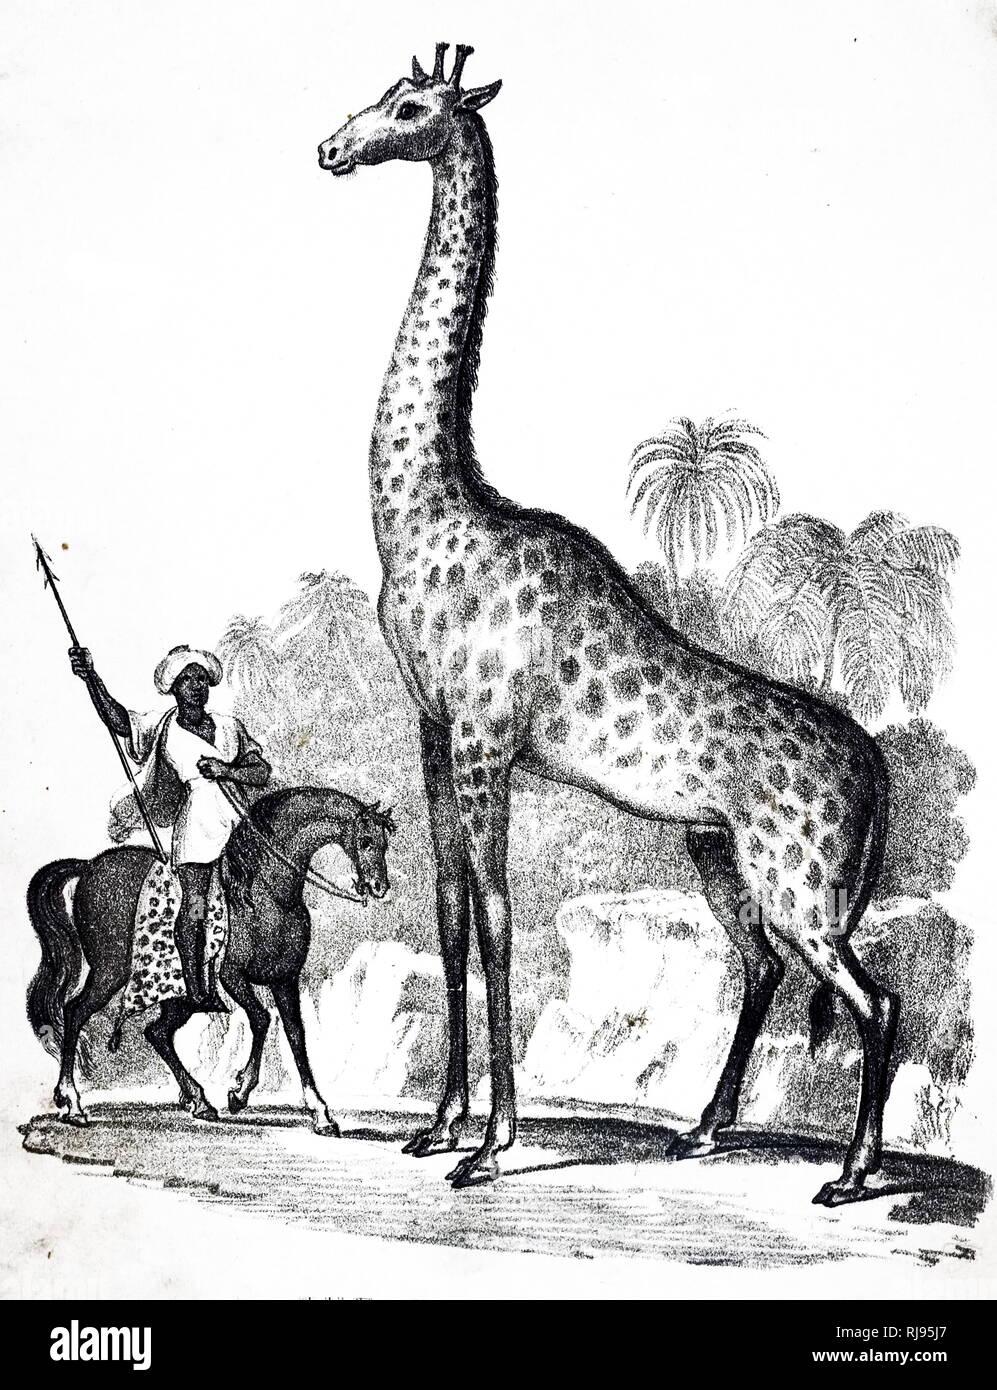 Eine Gravur, eine Giraffe, eine Gattung der Afrikanischen selbst-toed ungulate Säugetiere, die größten lebenden Landtiere und die größte Wiederkäuer. Vom 19. Jahrhundert Stockbild